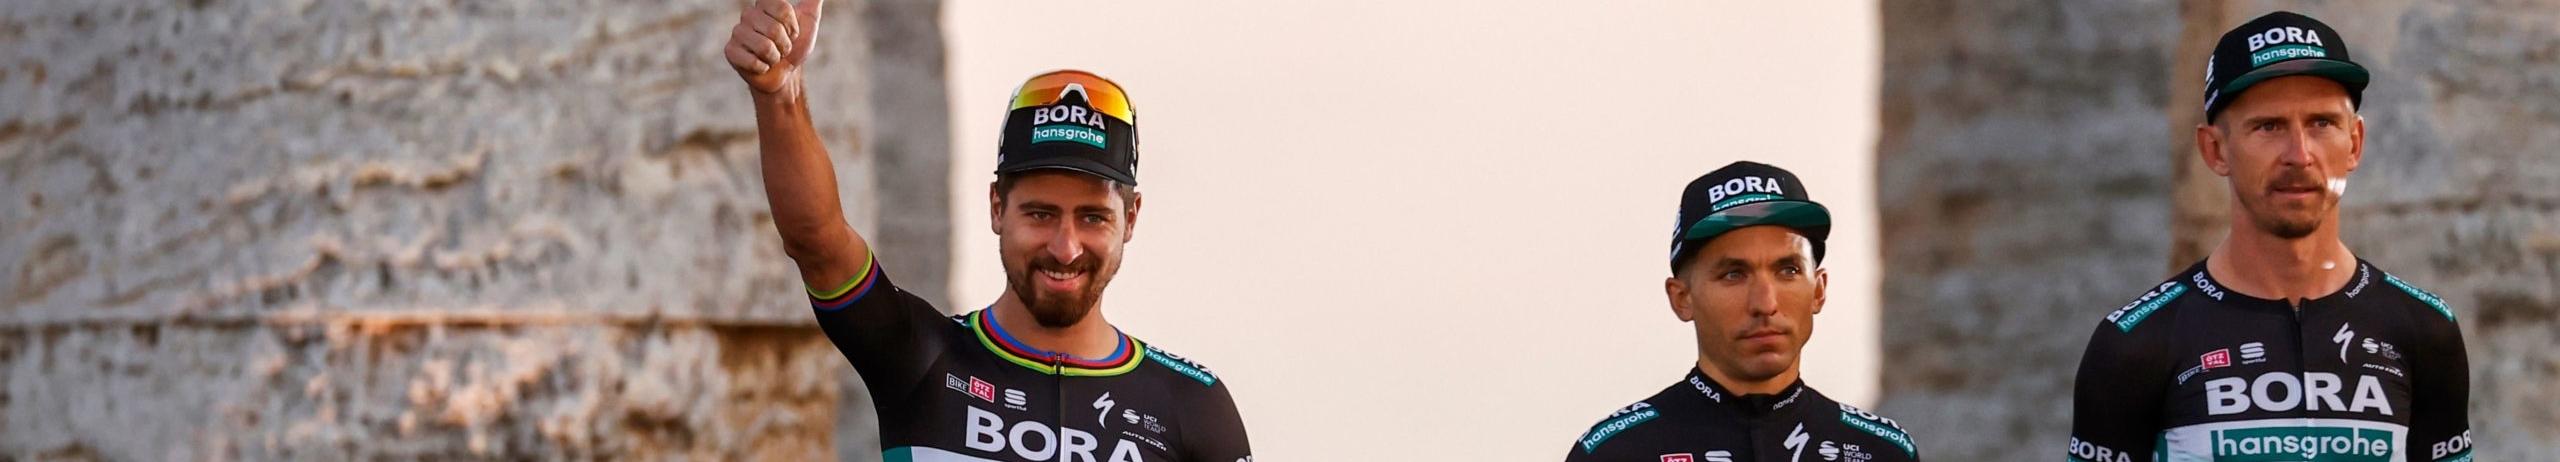 Giro d'Italia 2020, quote e favoriti per la tappa 2: il momento di Sagan?